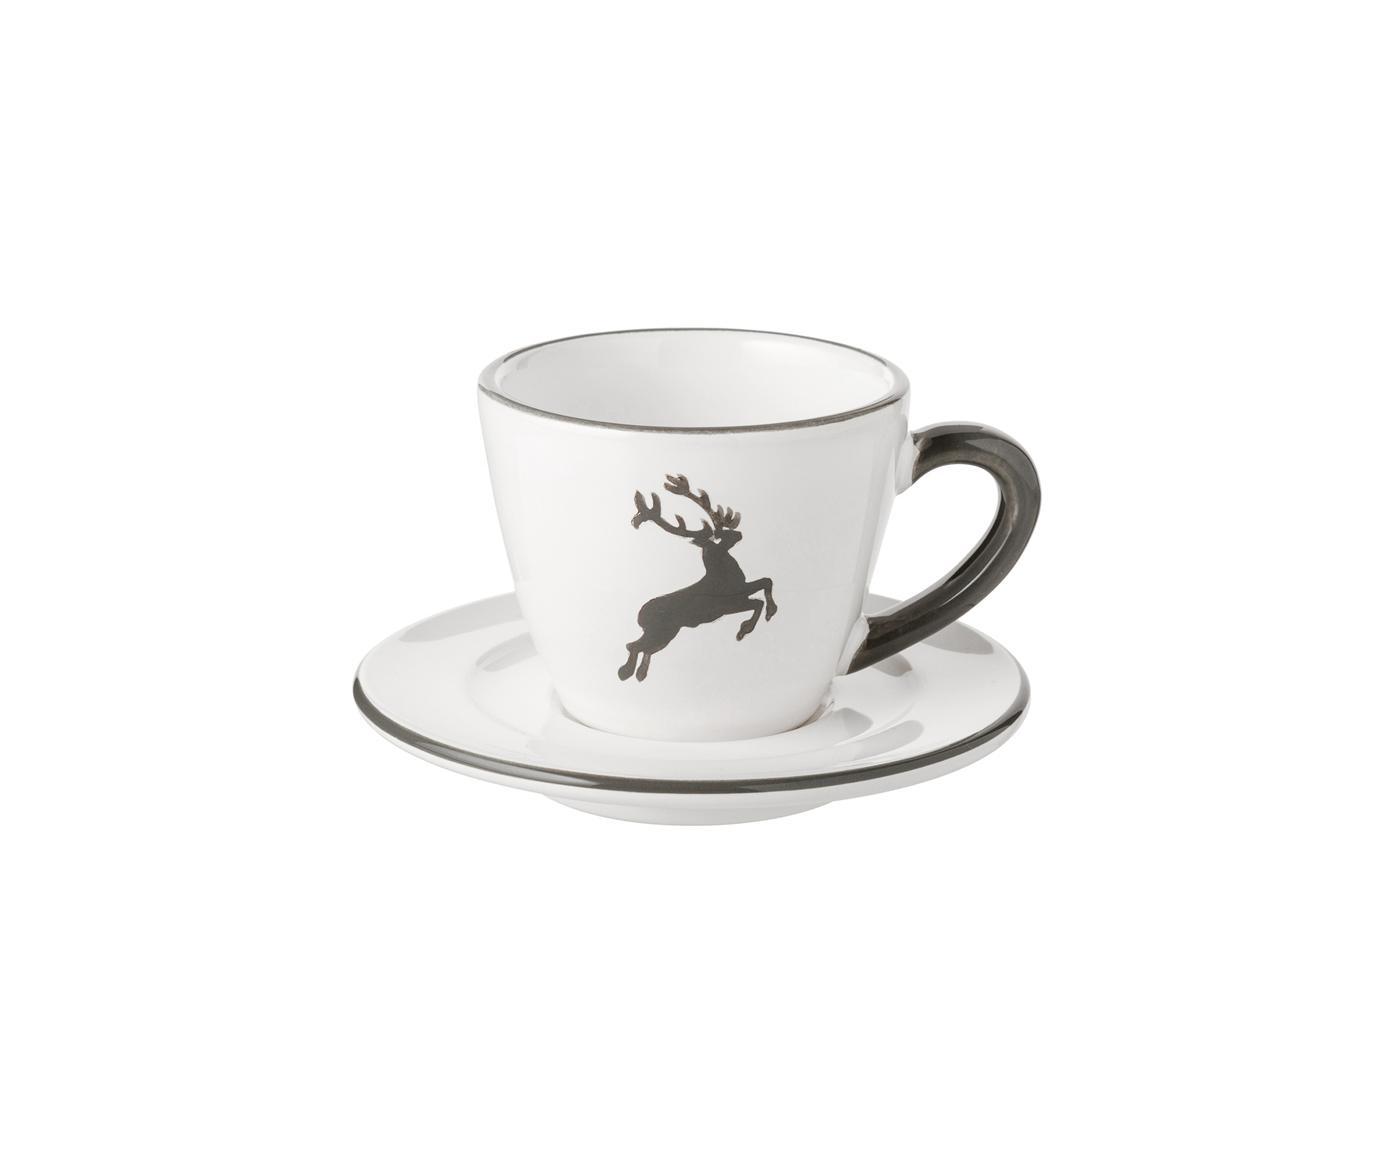 Espressotasse mit Untertasse Gourmet Grauer Hirsch, Porzellan, Fine Bone China, Grau,Weiß, Sondergrößen